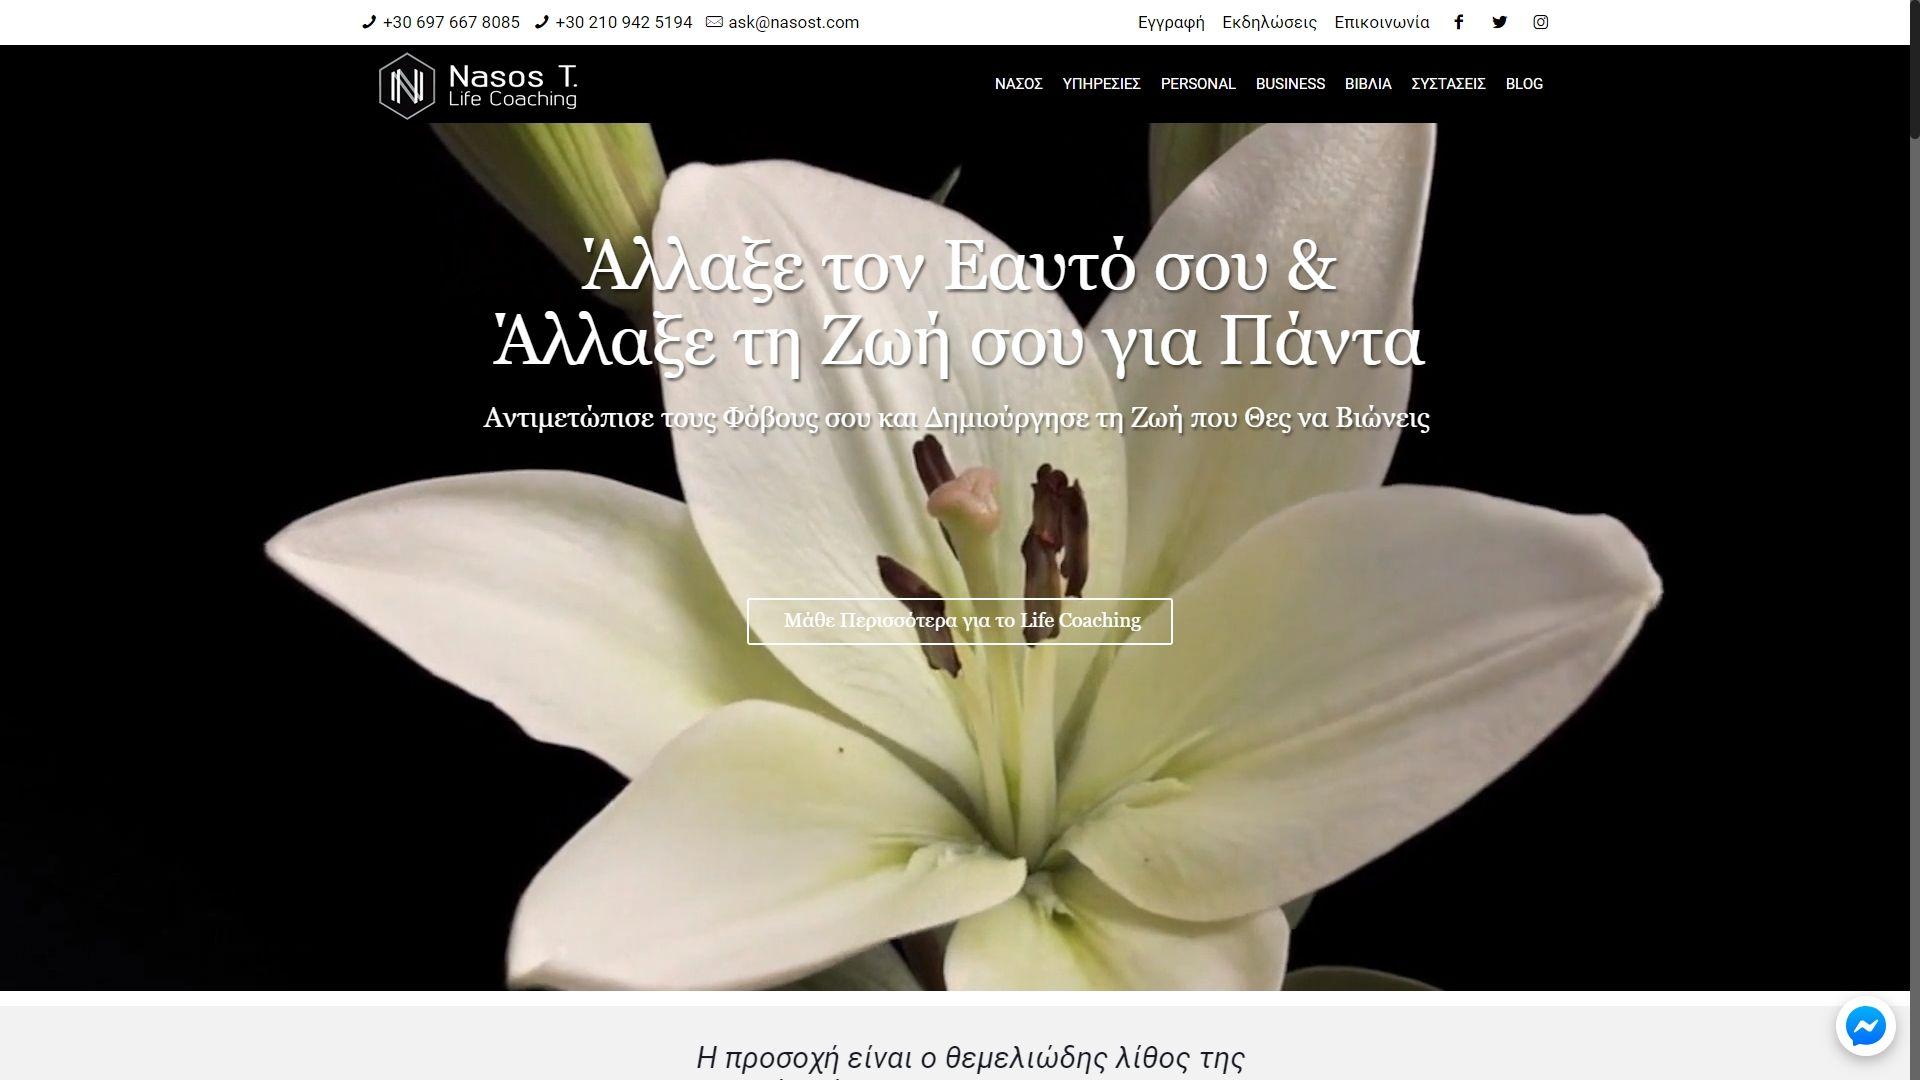 Our Works - Nasost.com